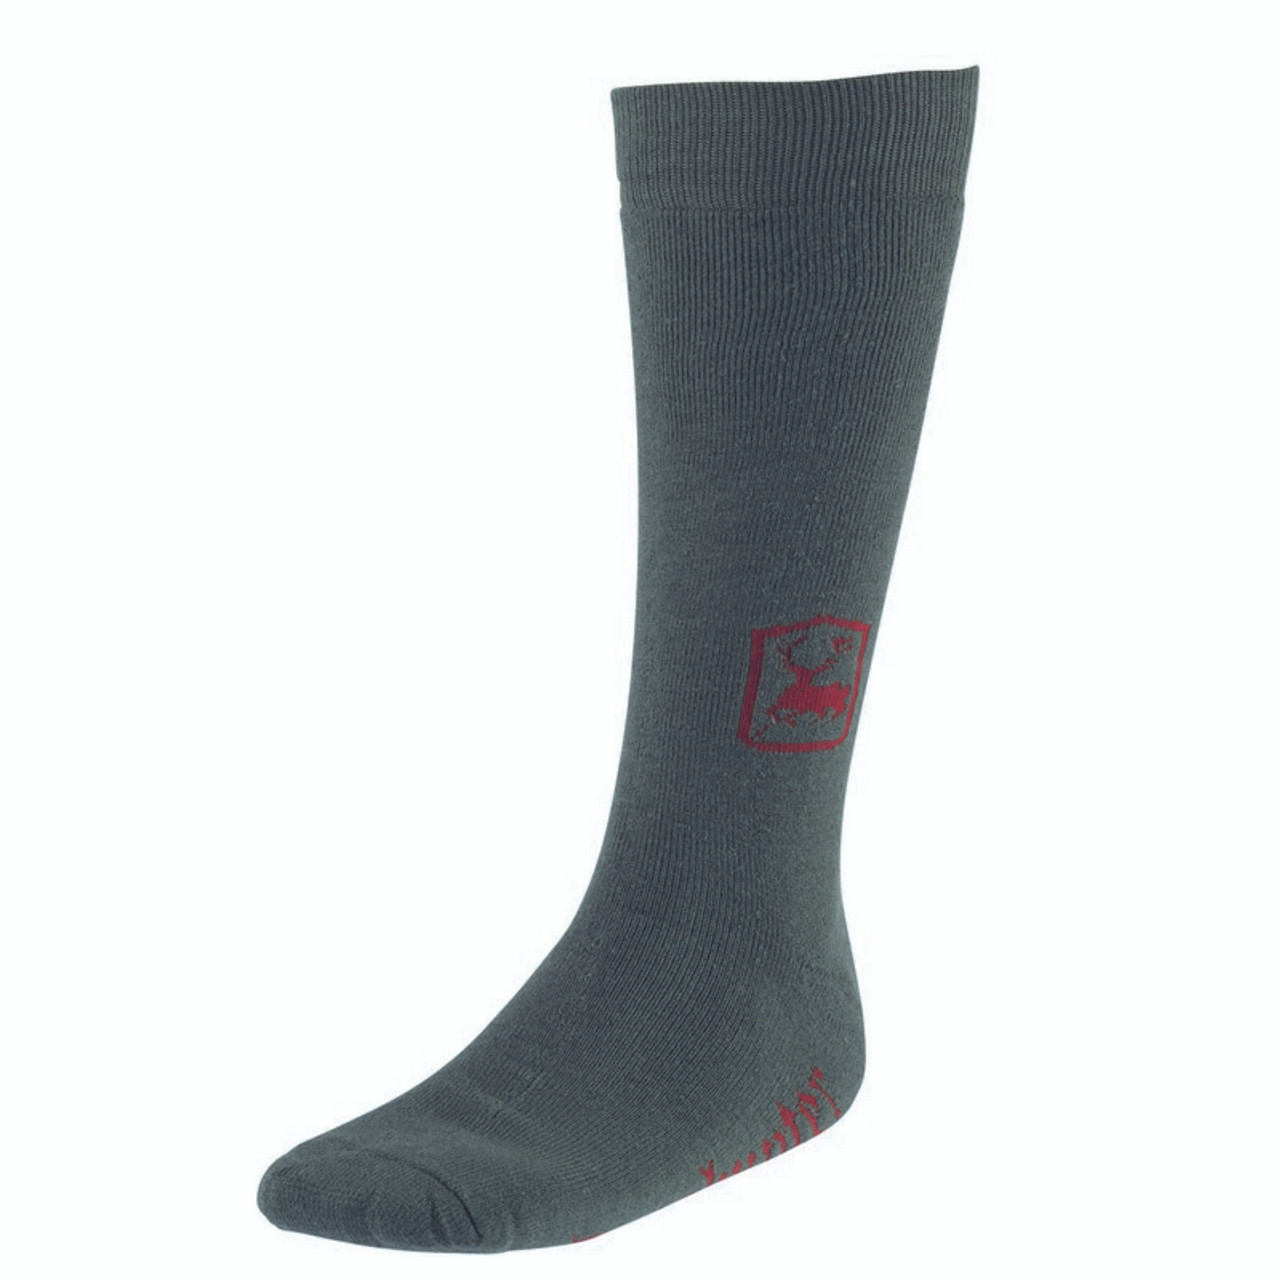 Deerhunter 2 Pack Long Socks, Shooting & Hunting Clothing